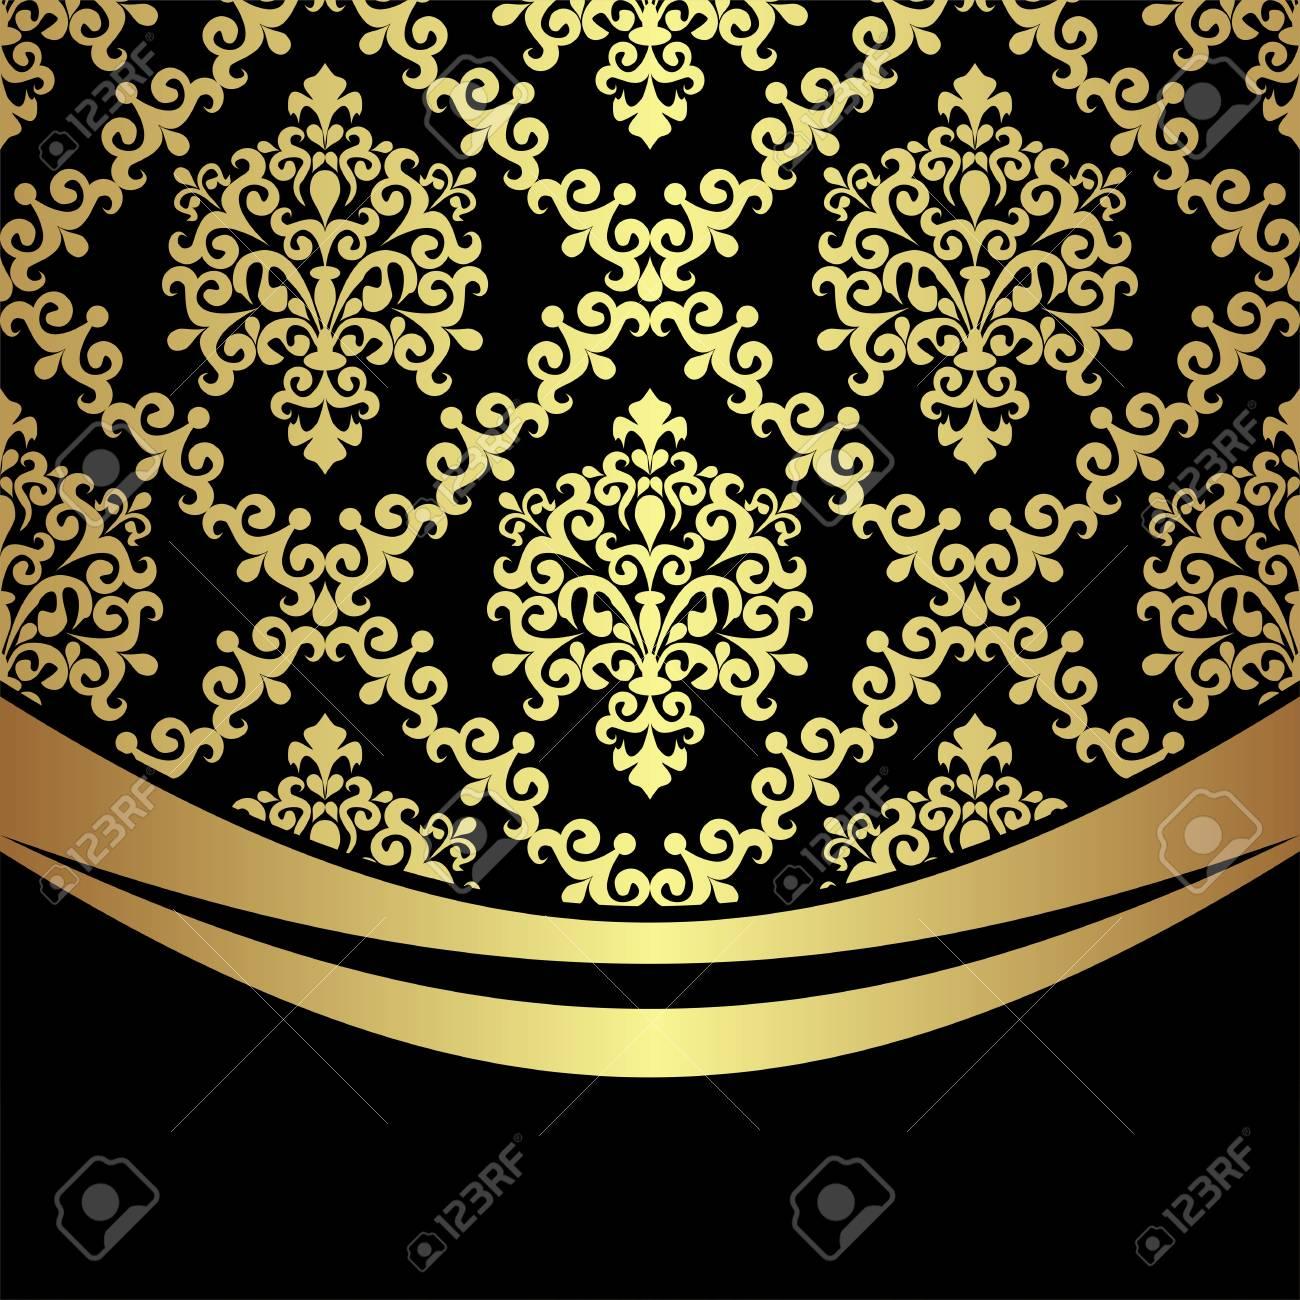 Ornate golden damask Background with golden Border on black. - 97509766